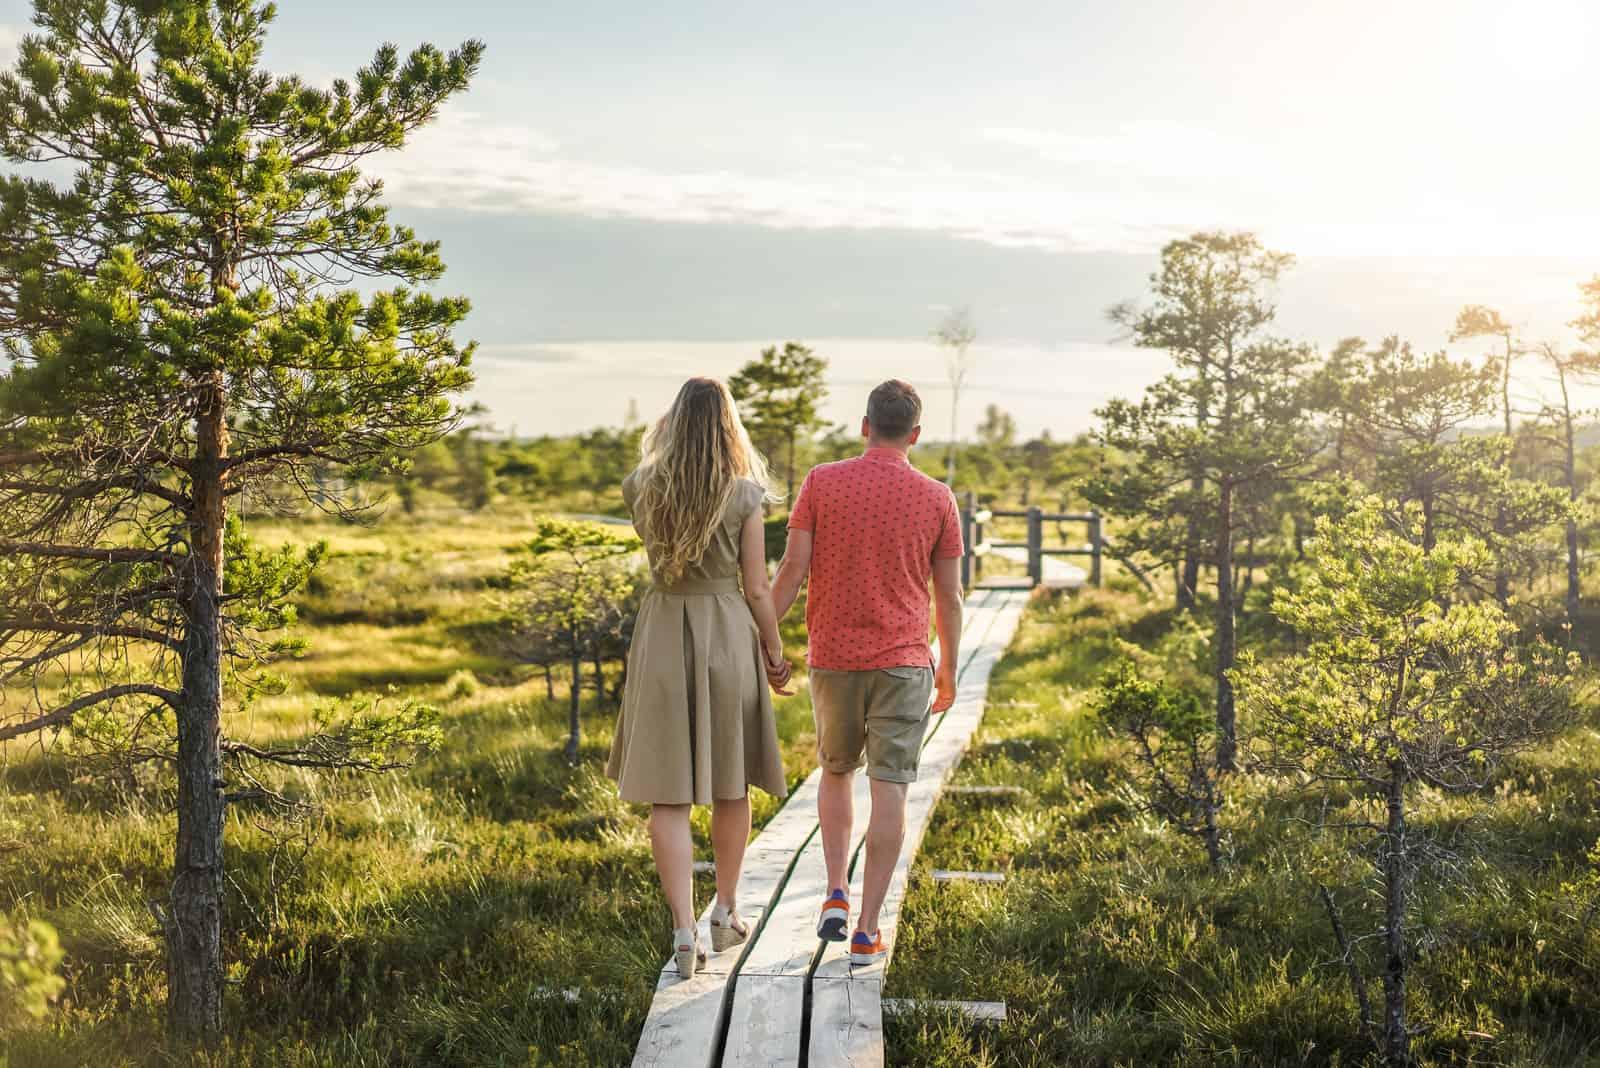 un homme et une femme marchent